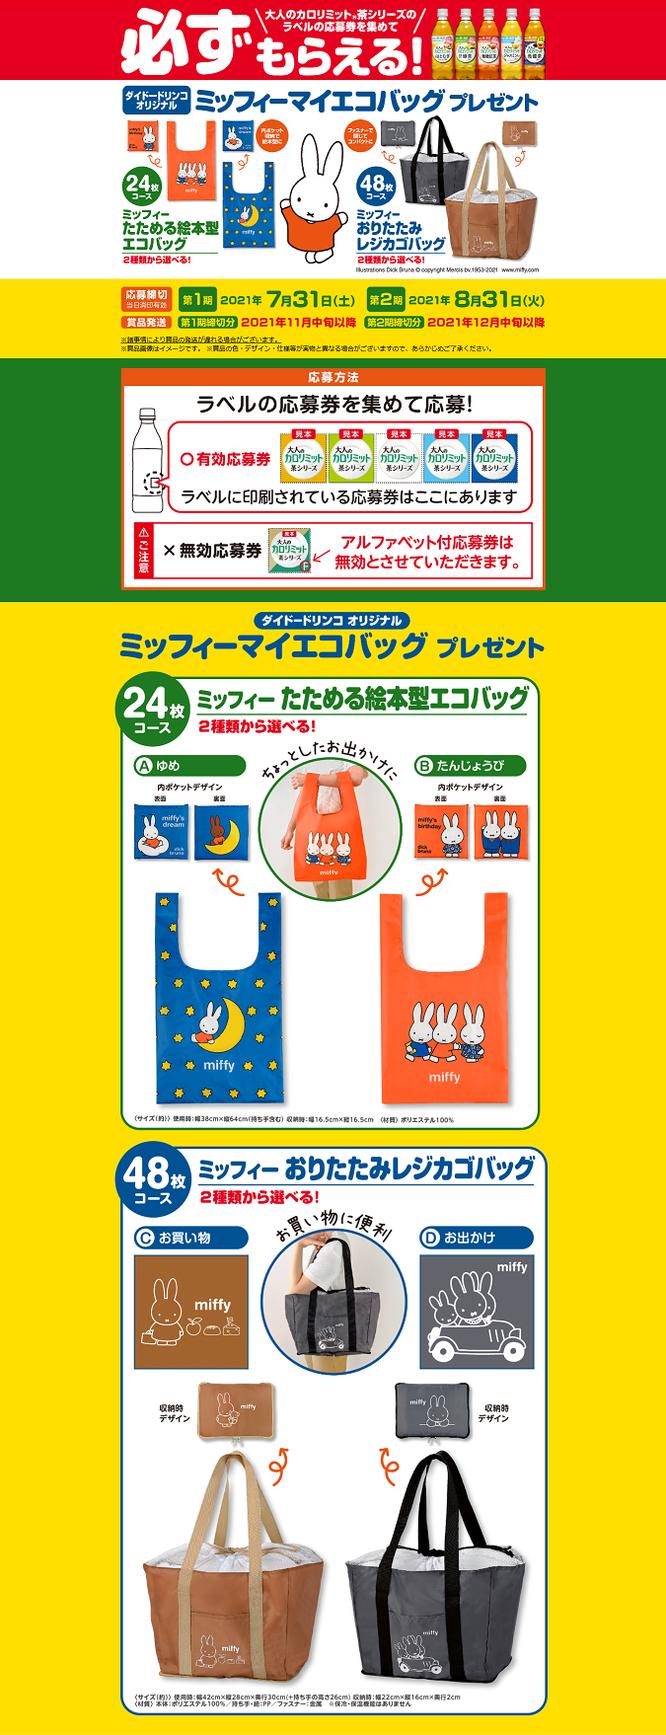 【ダイドー】ミッフィー マイエコバッグプレゼントキャンペーン